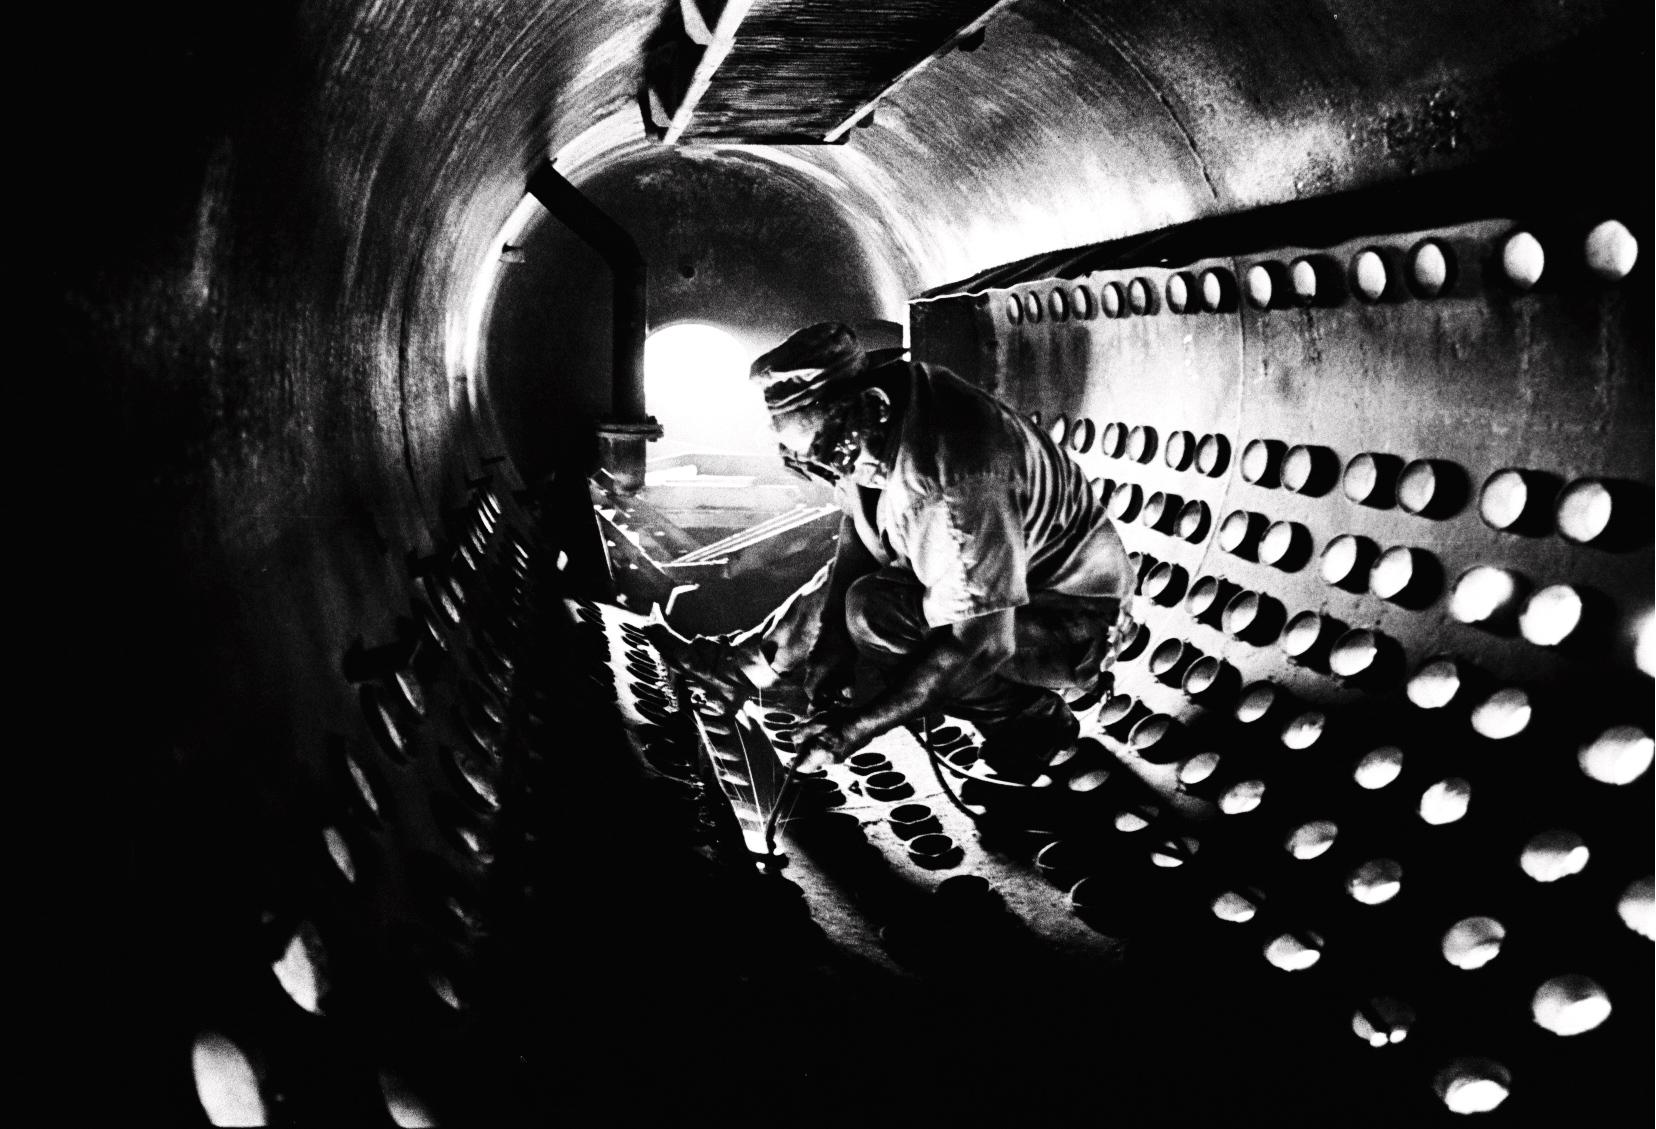 Gume trabajaba sin parar. Era el líder nato de todos los obreros. El tanque de enfriamiento del Central parecía un radiador gigante. Para desmantelarlo, hubo que desoldar tubo a tubo. Eso hacía Gume. Tenía las manos más grandes y fuertes que he visto en mi vida. Parecían piezas del Central. Quizás las únicas que sobrevivieron. (Foto: Alejandro Ramírez Anderson)